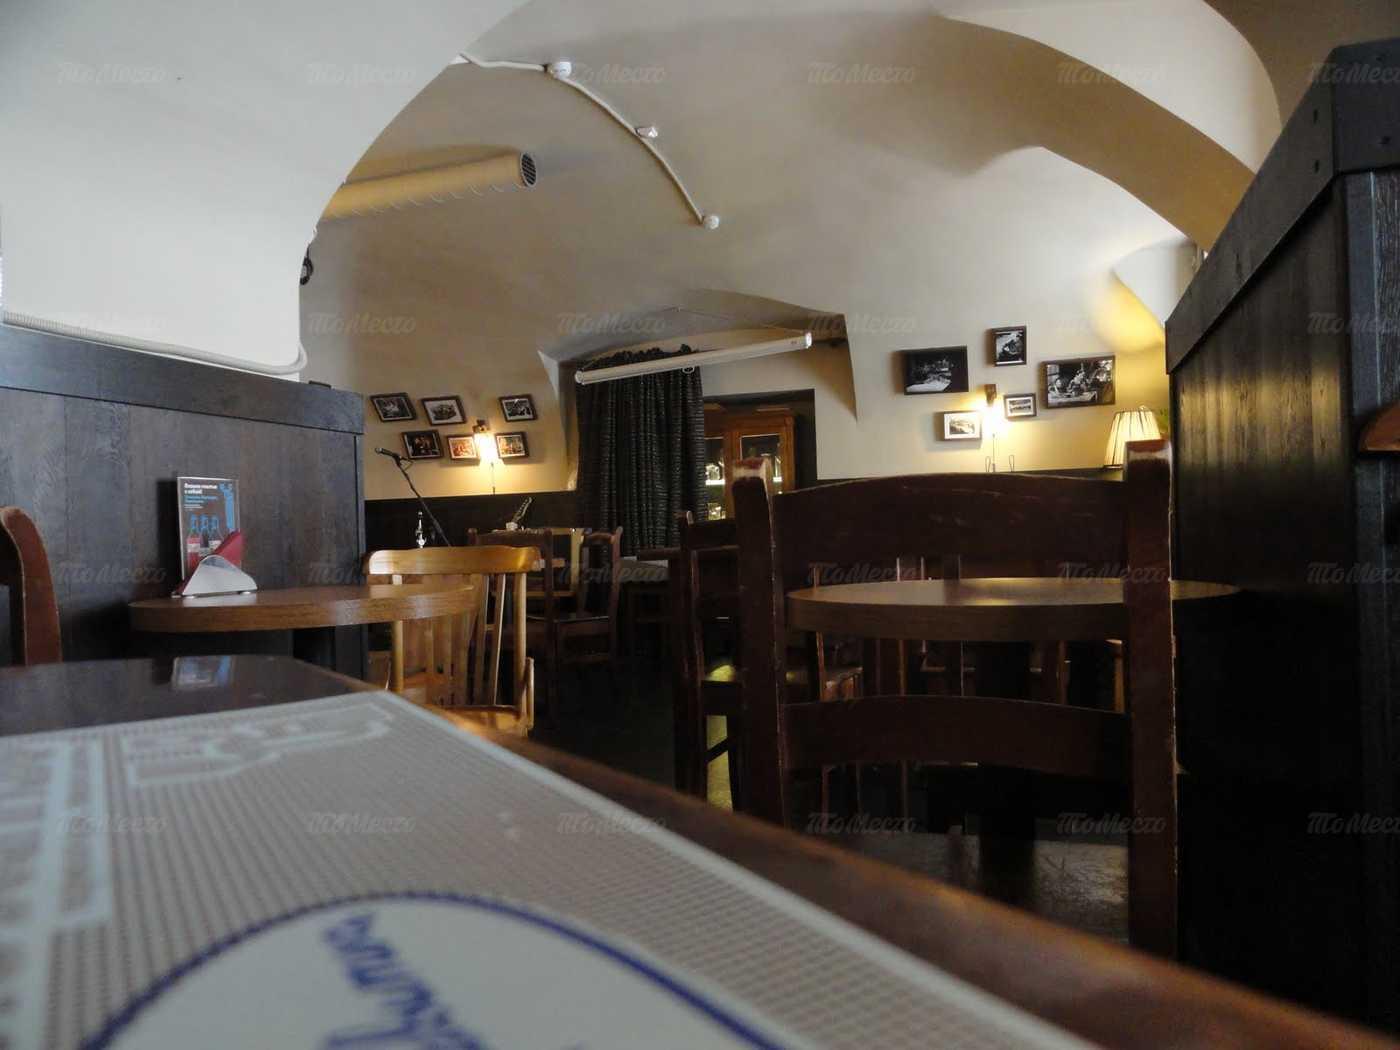 Меню бара Хельсинкибар (Helsinkibar) на Кадетской линии